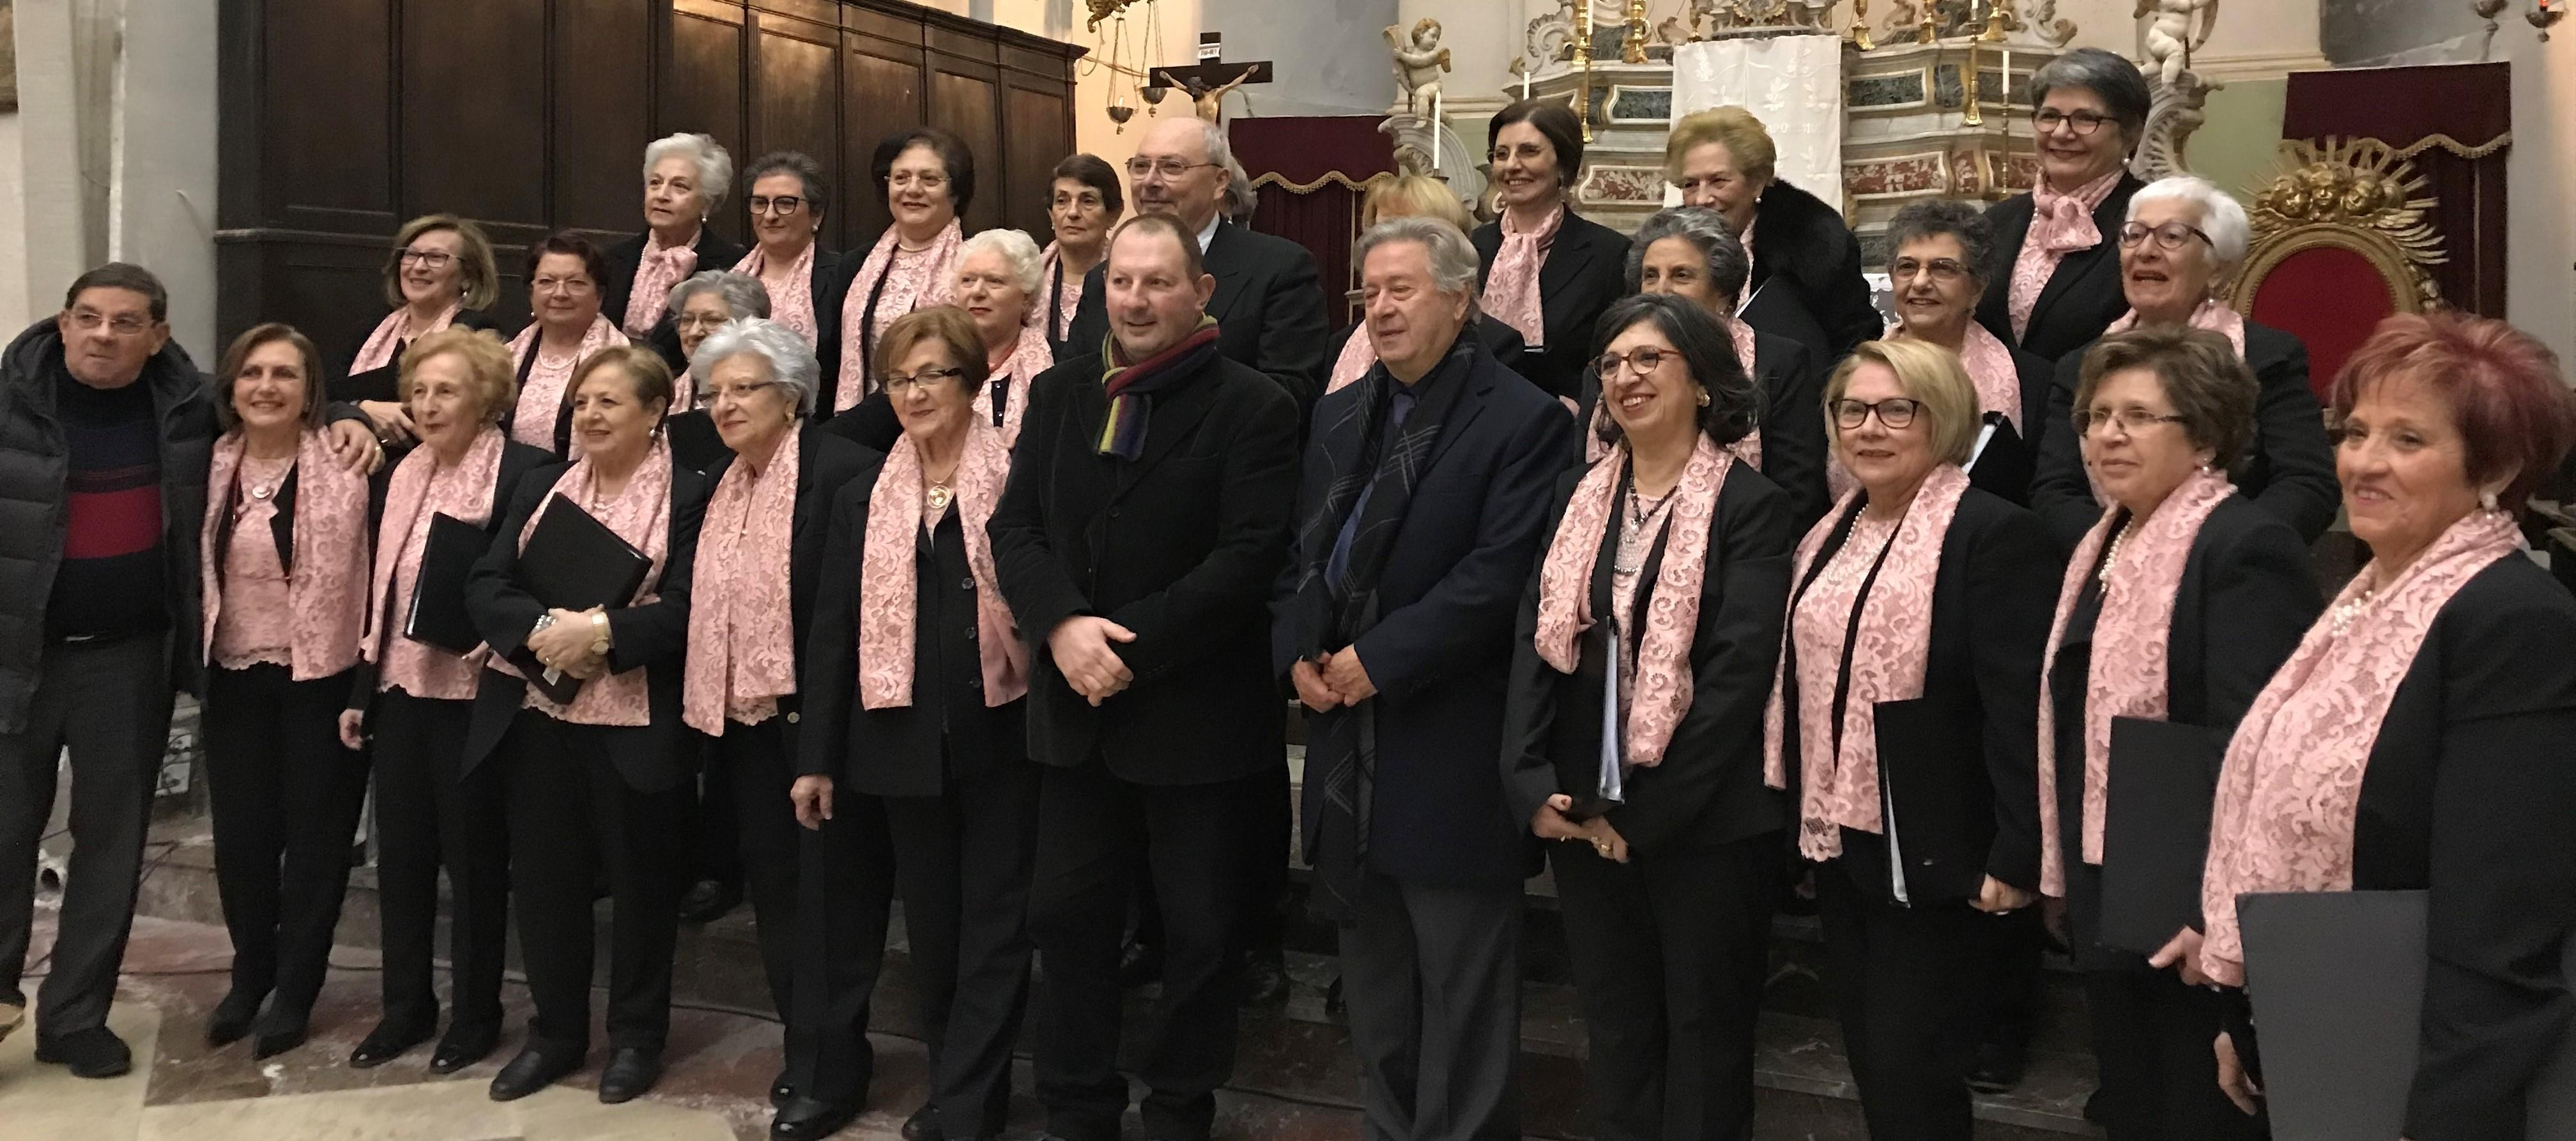 Modica, successo di pubblico per il concerto dell'Epifania dell'Unitre